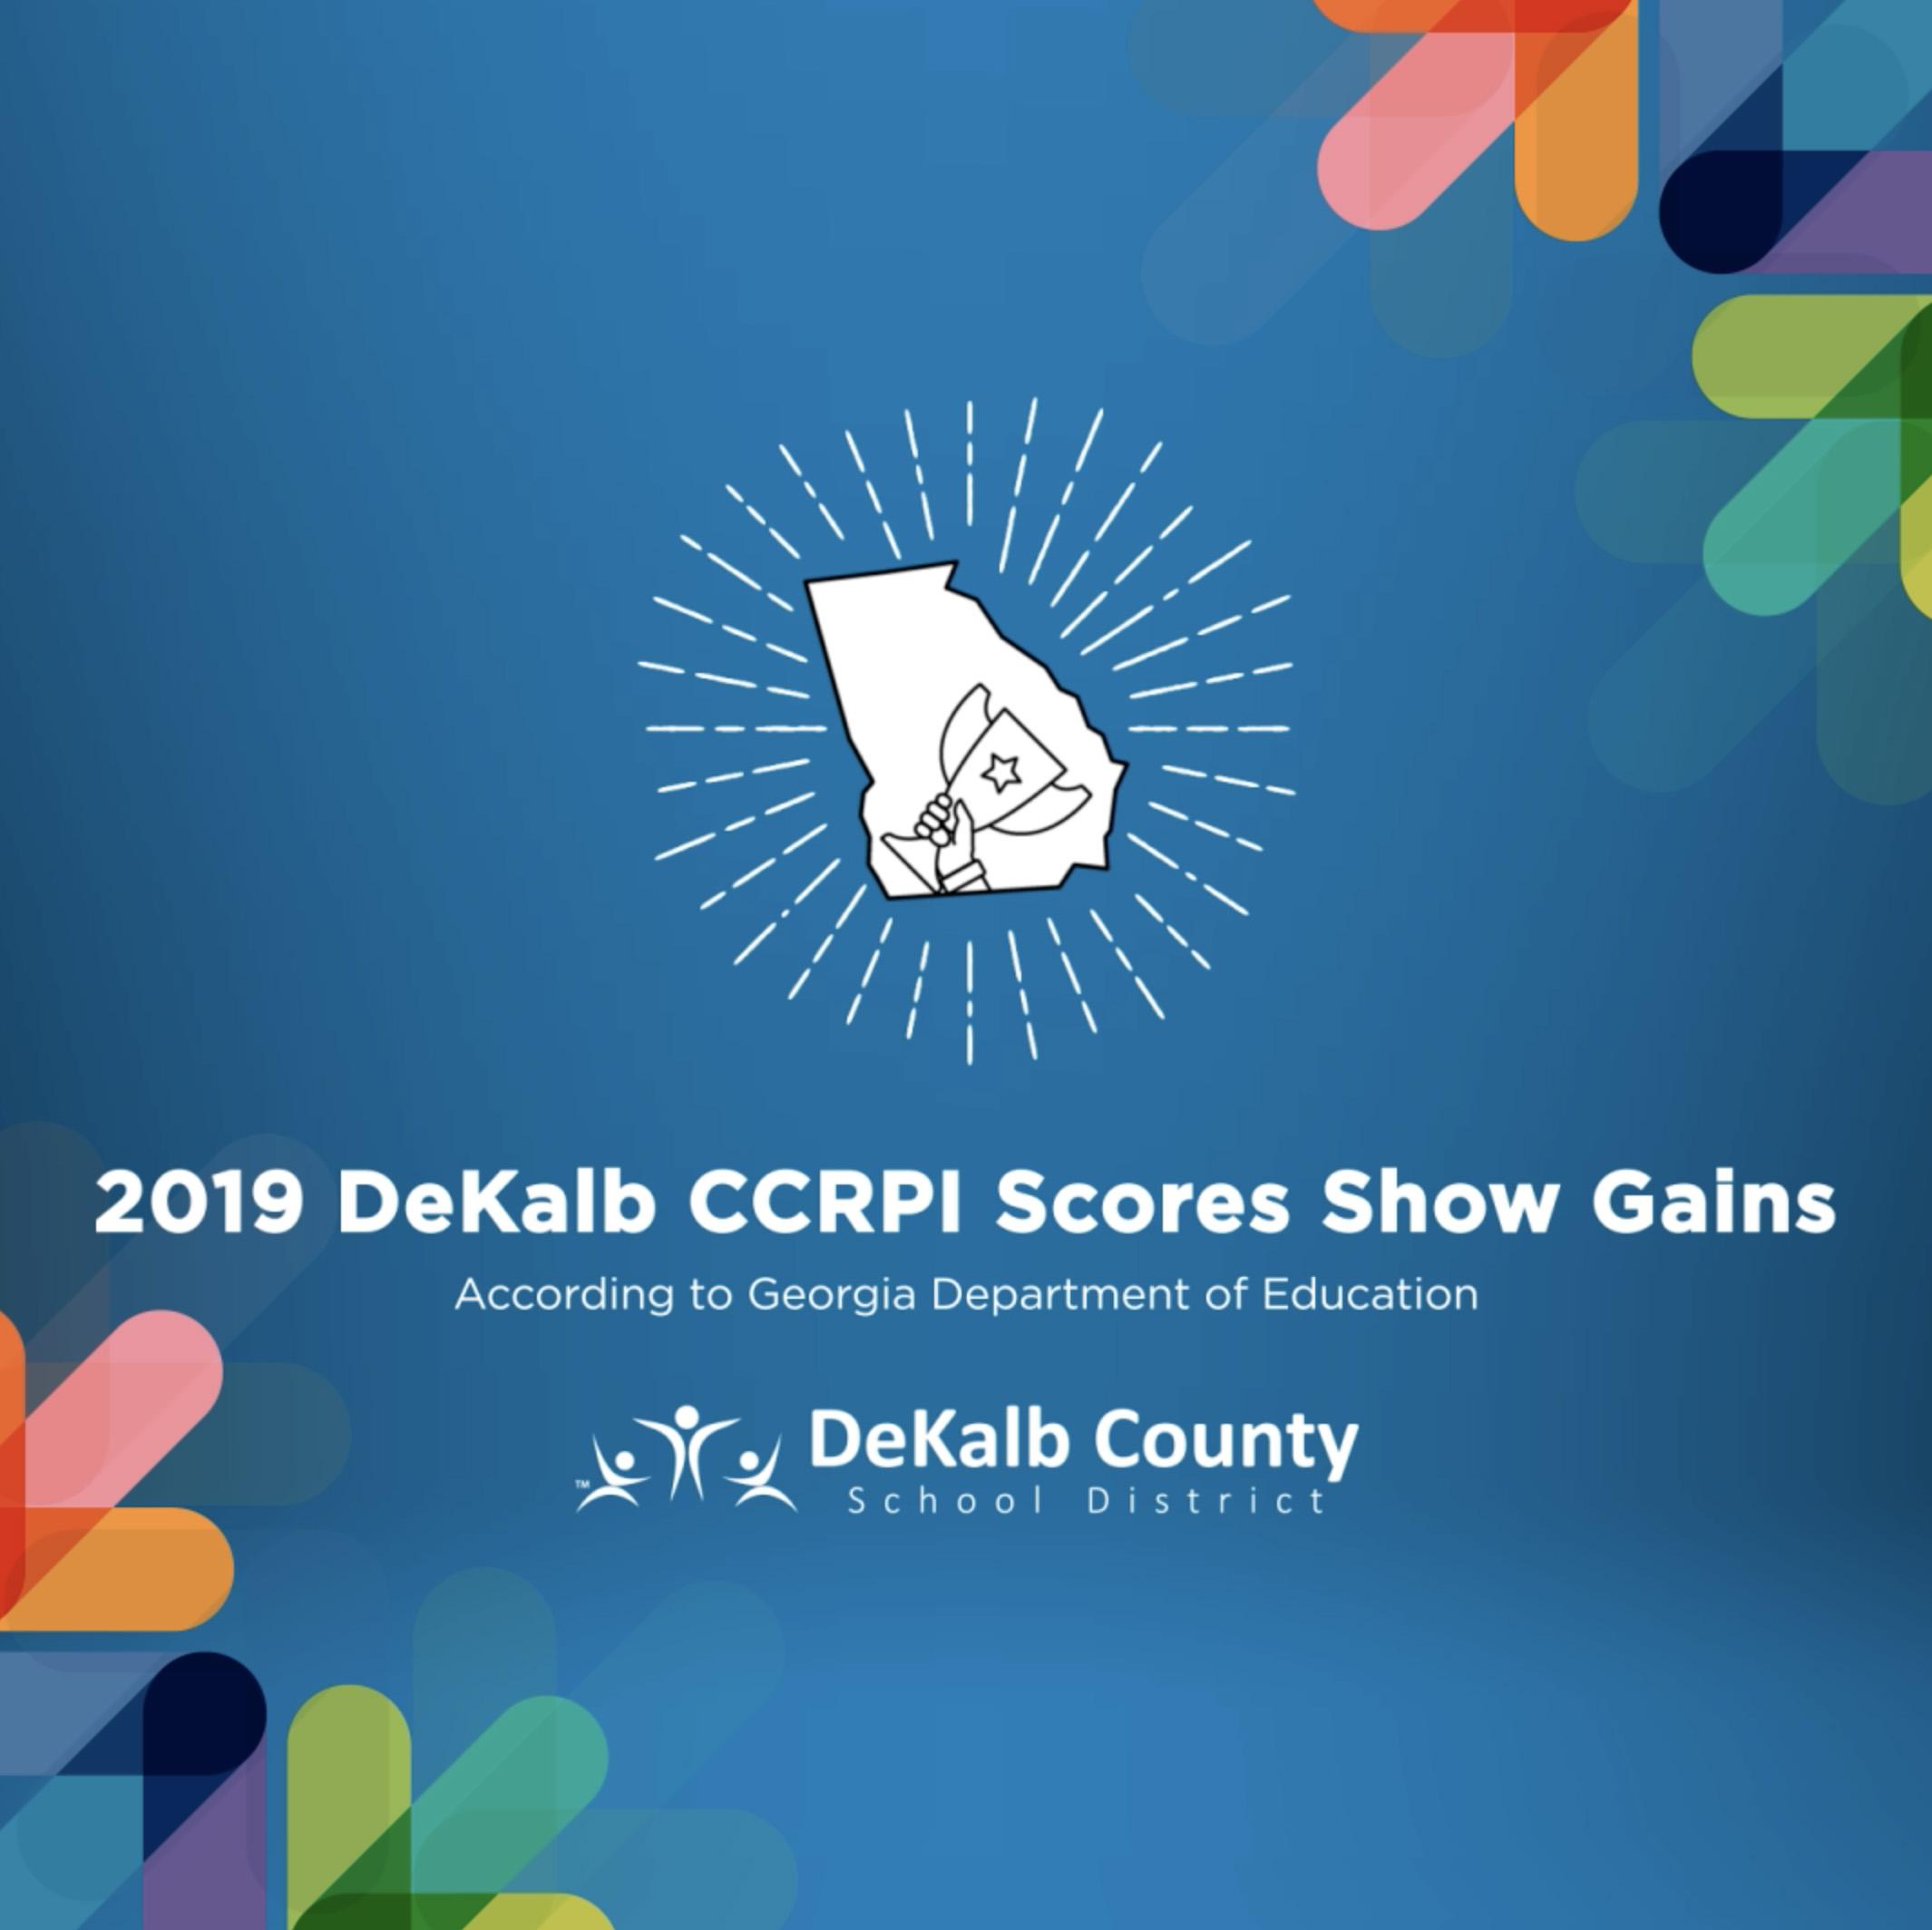 2019 CCRPI Scores